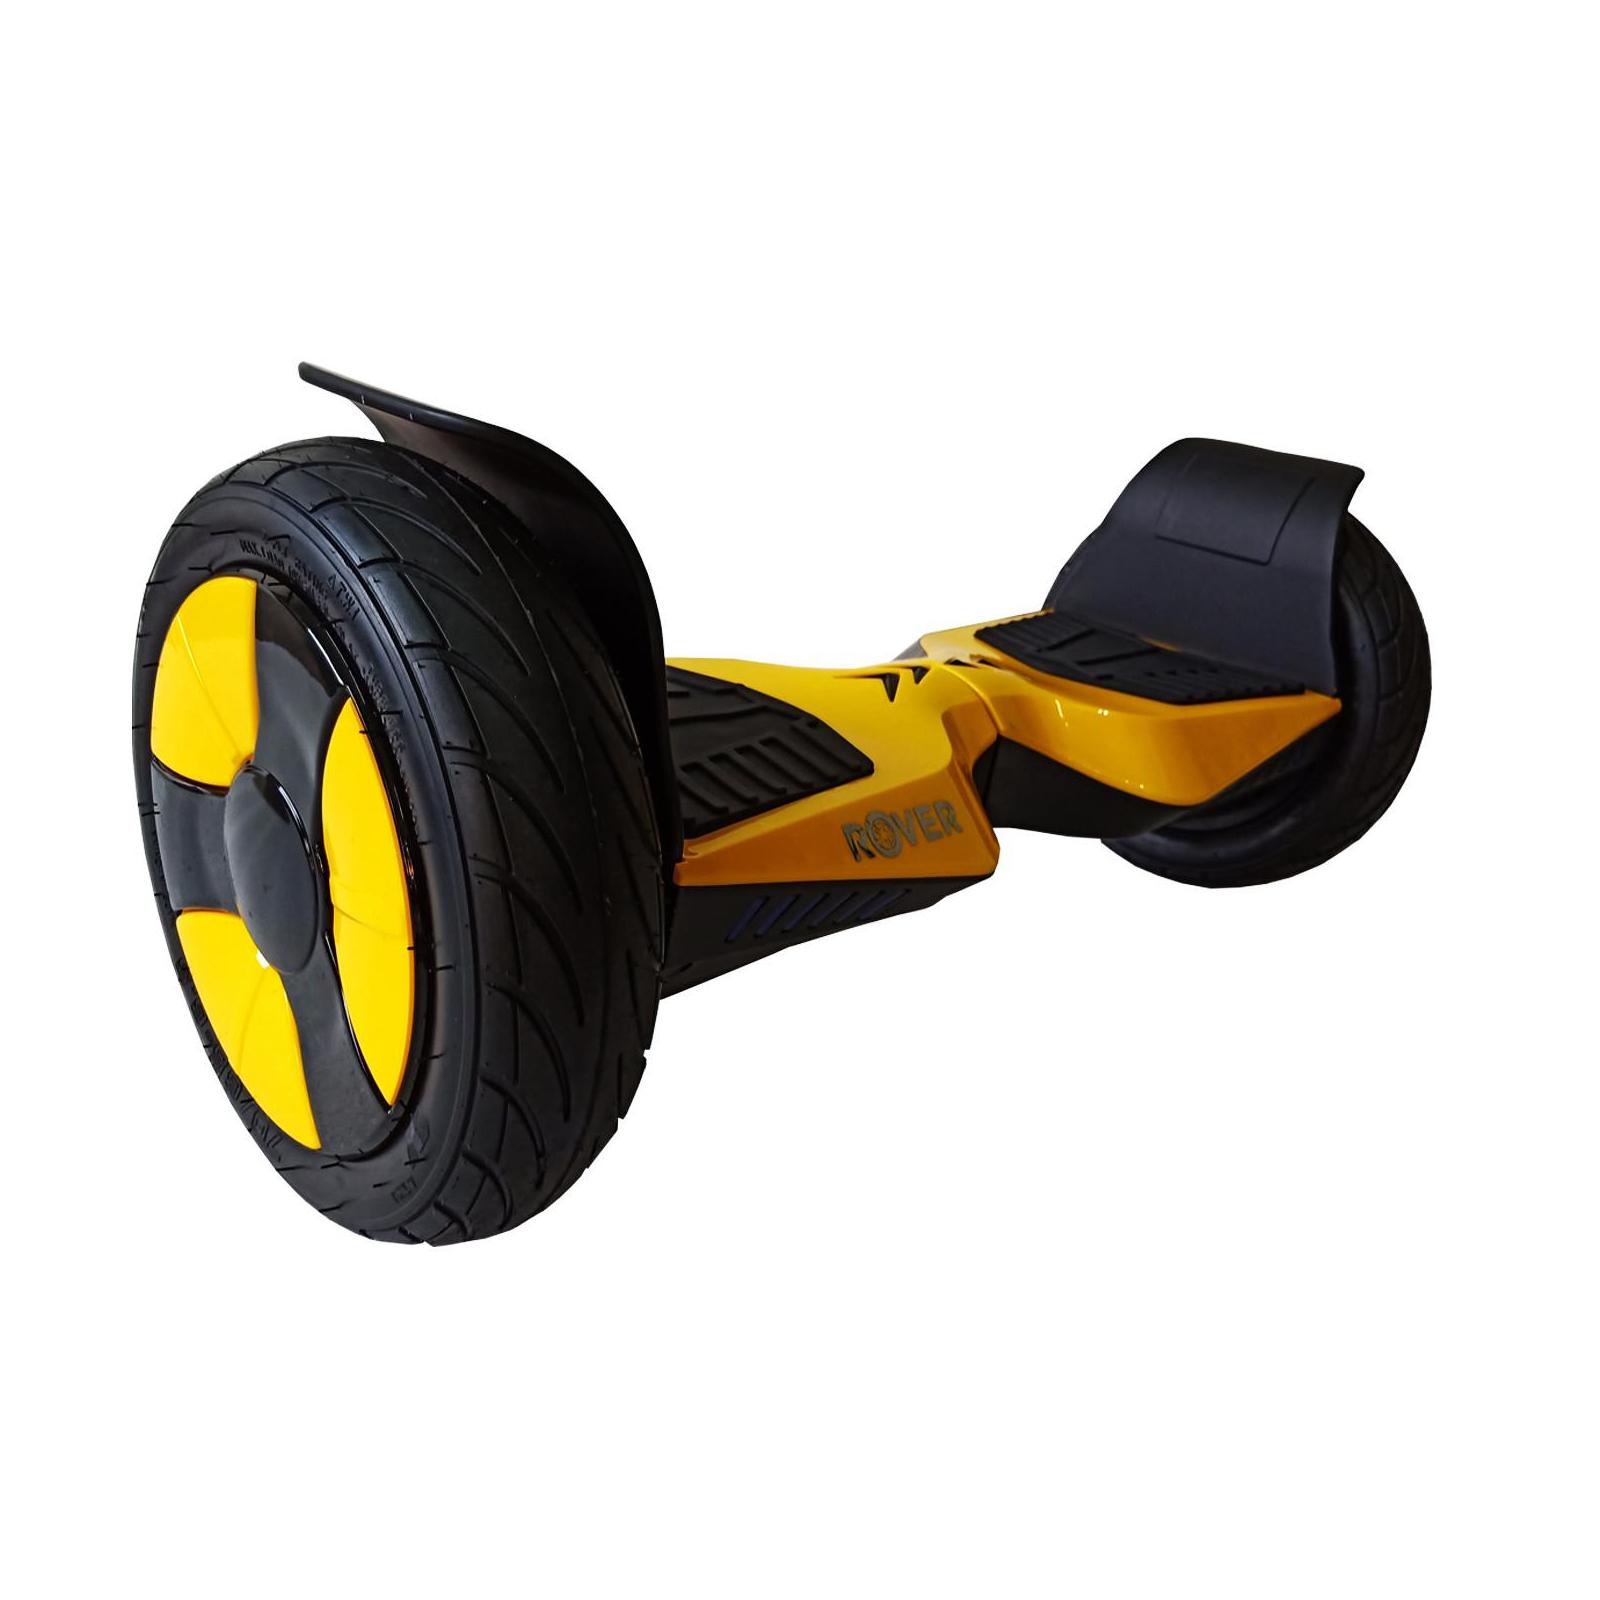 Гироборд Rover XL7 black-yellow